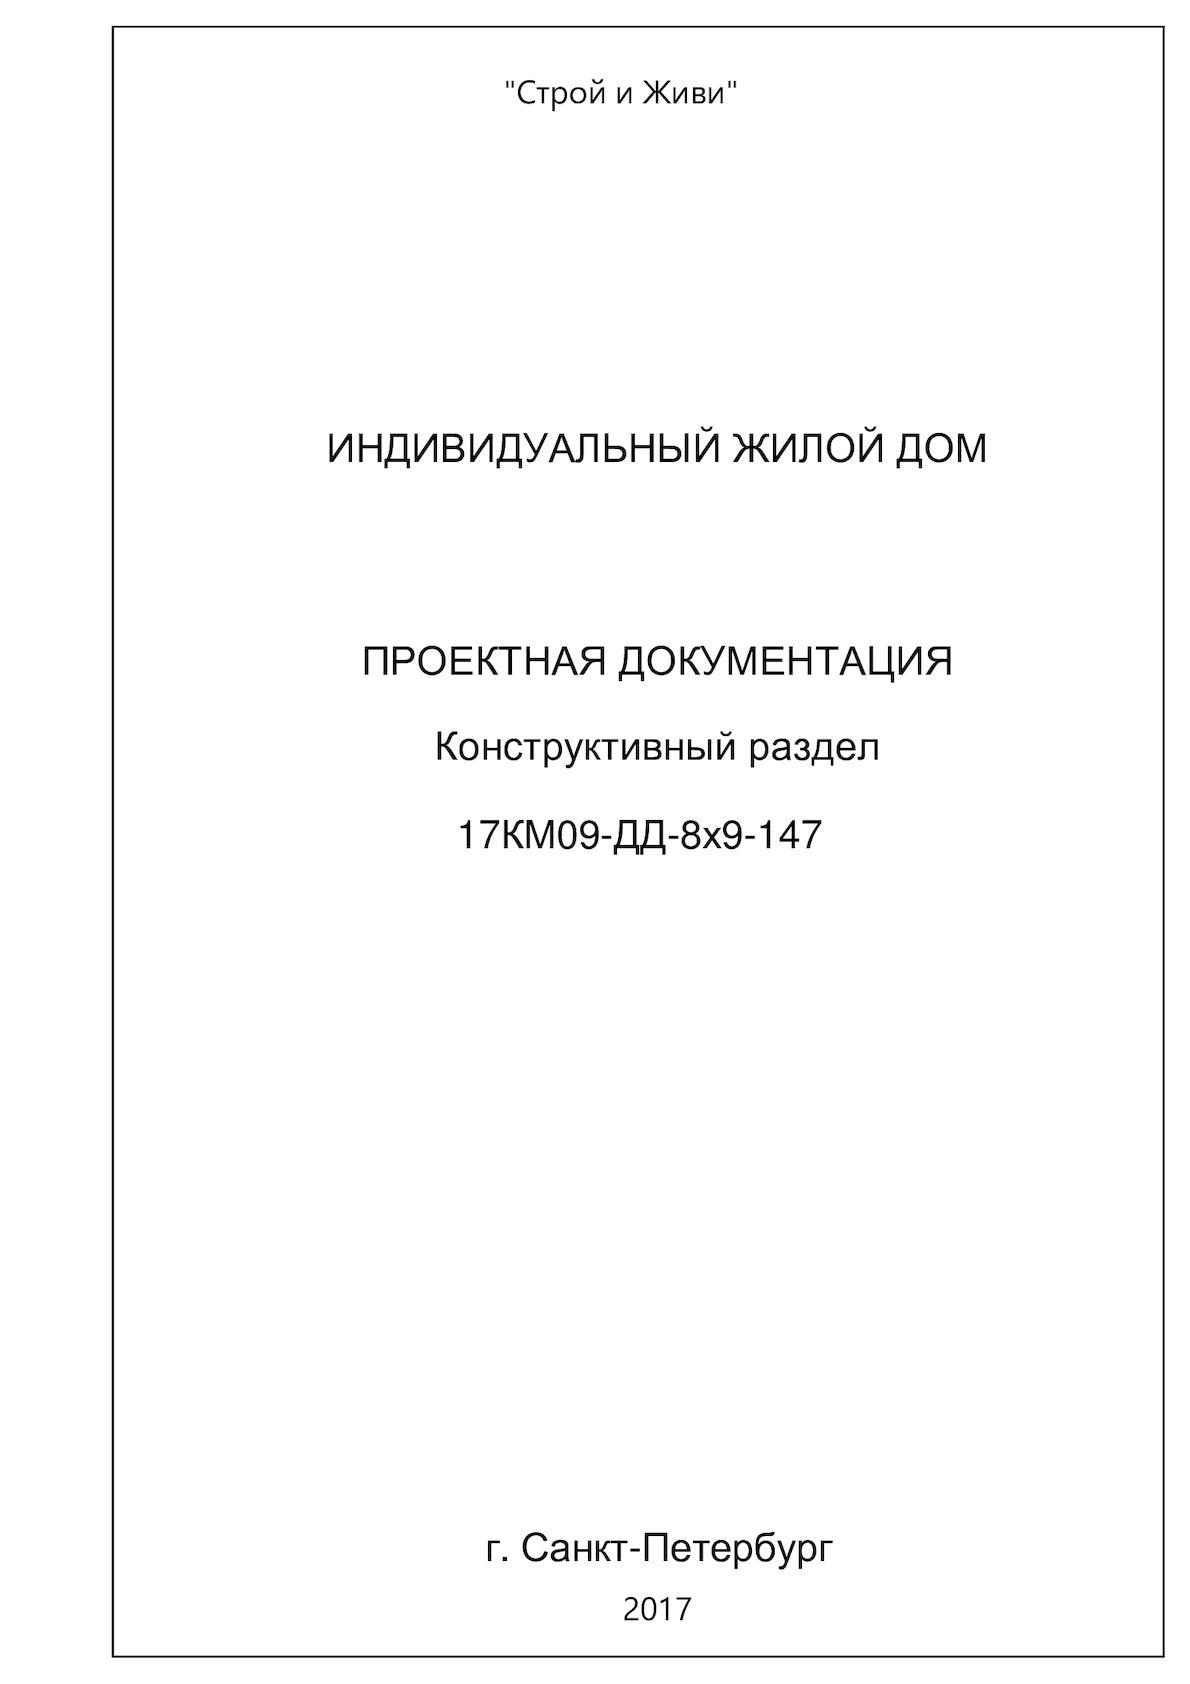 17км09 ДД 8х9 147 (КР изм)